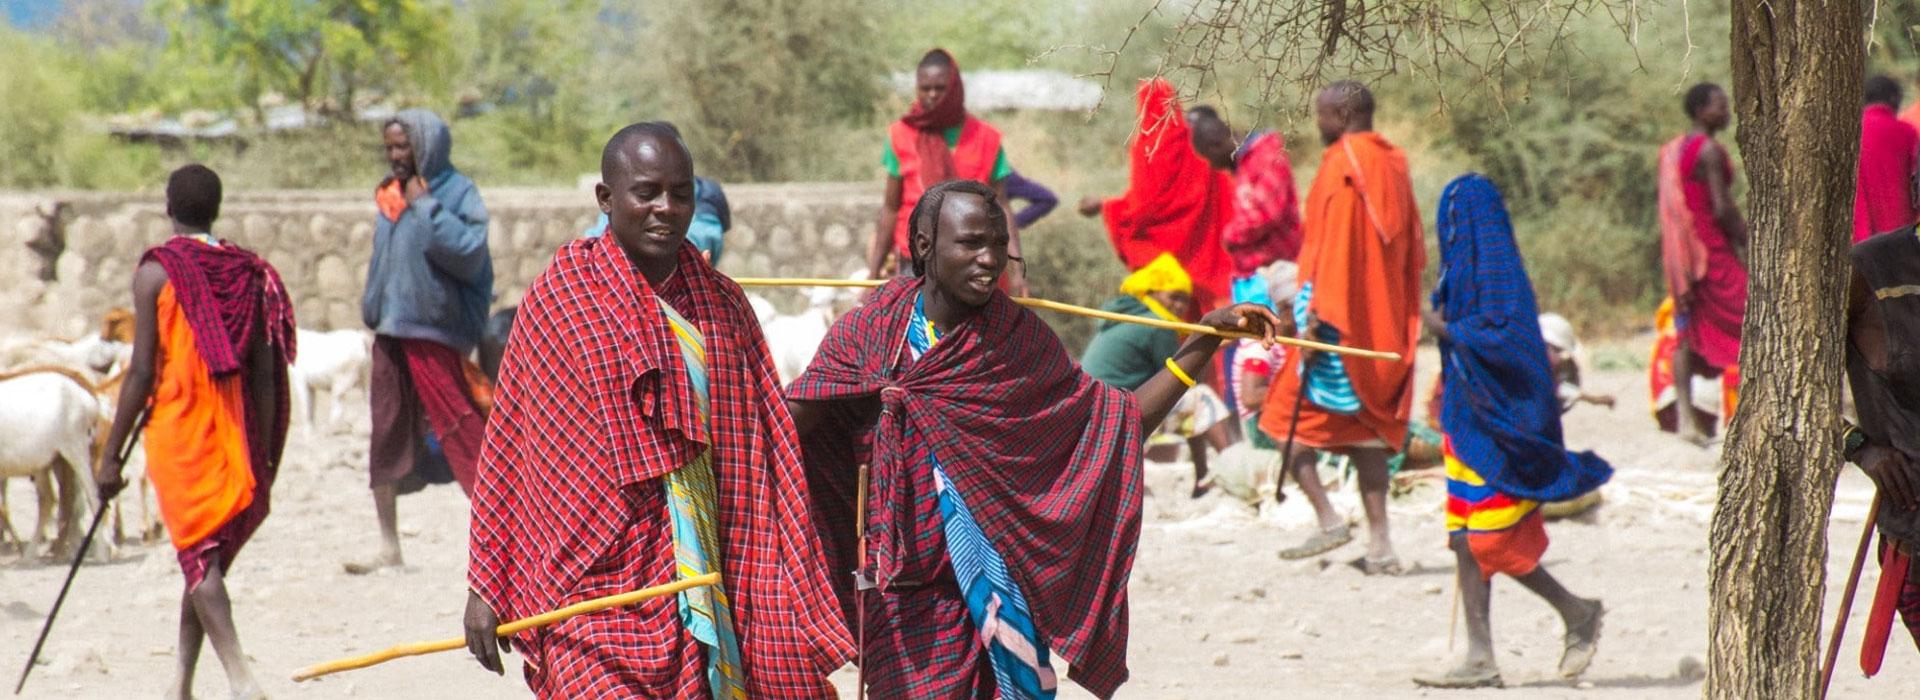 Bomas of Kenya Excursion